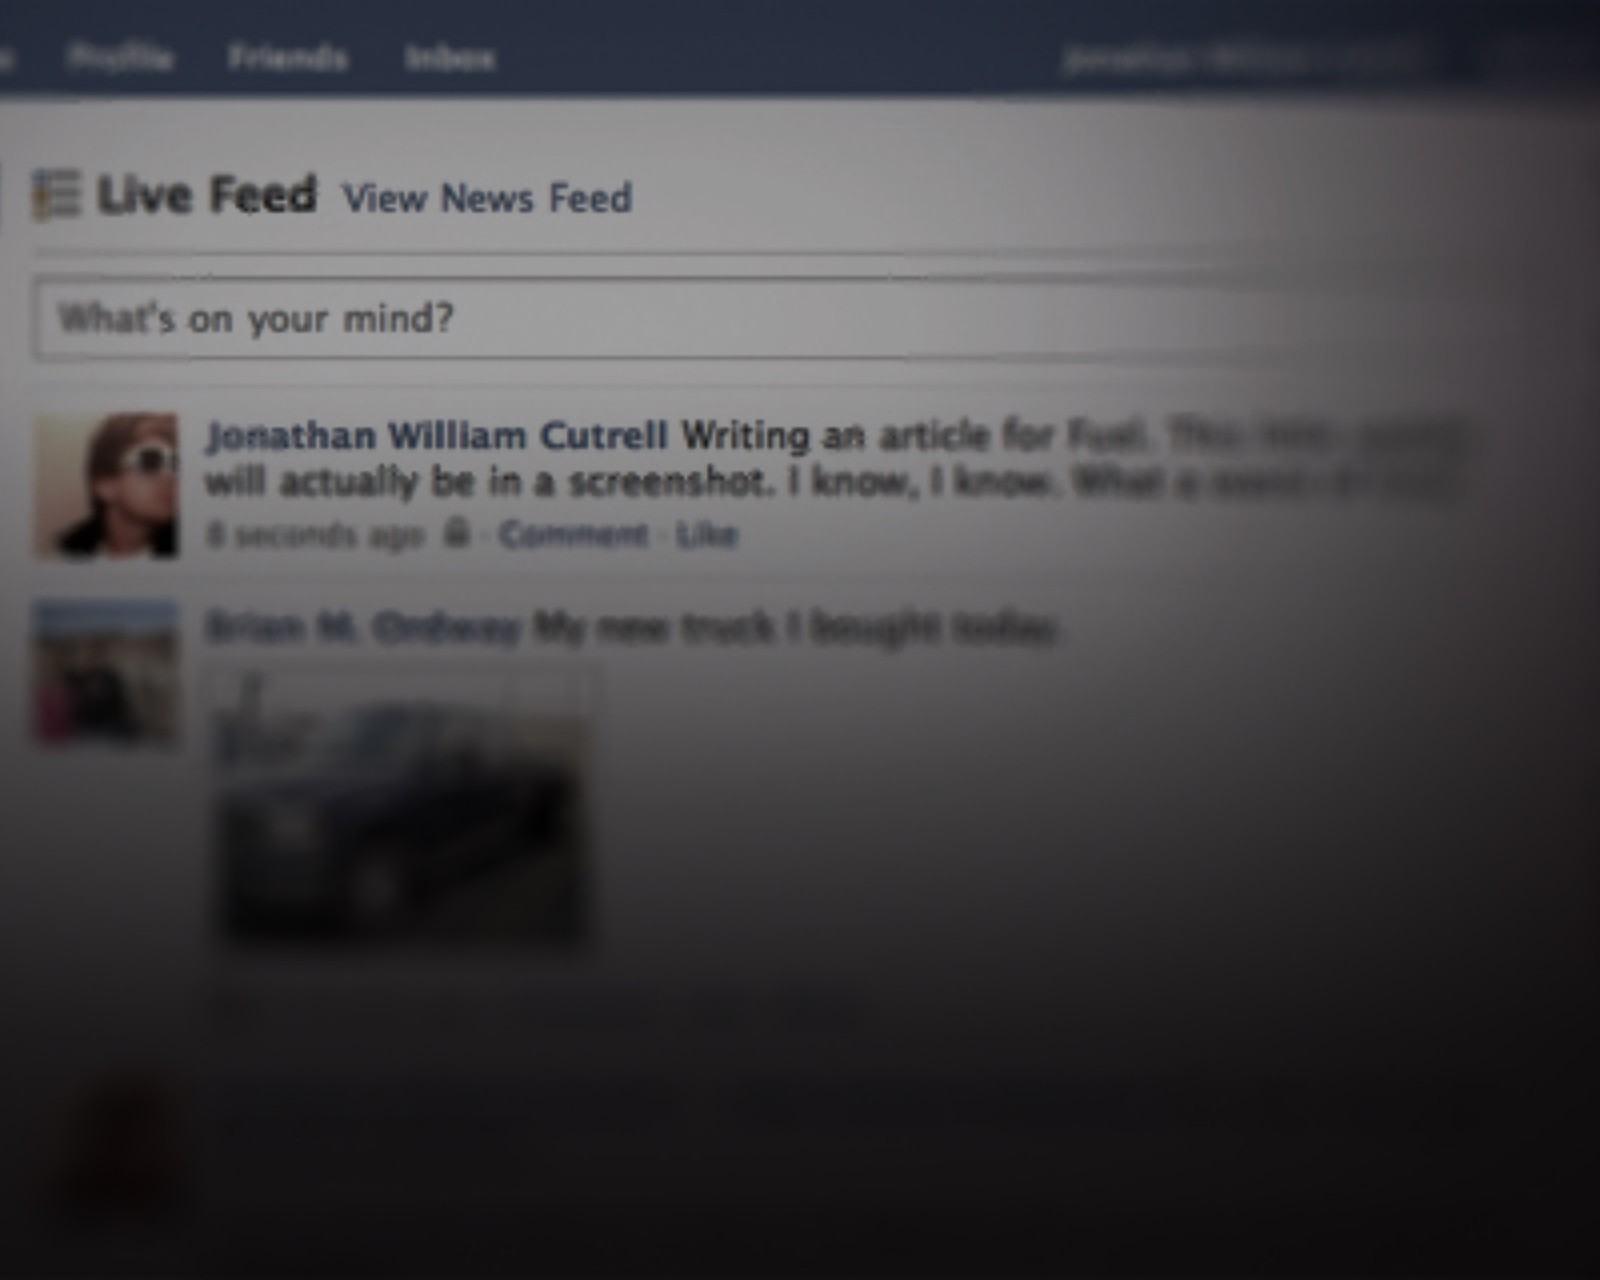 Matei o Feed de notícias do Facebook